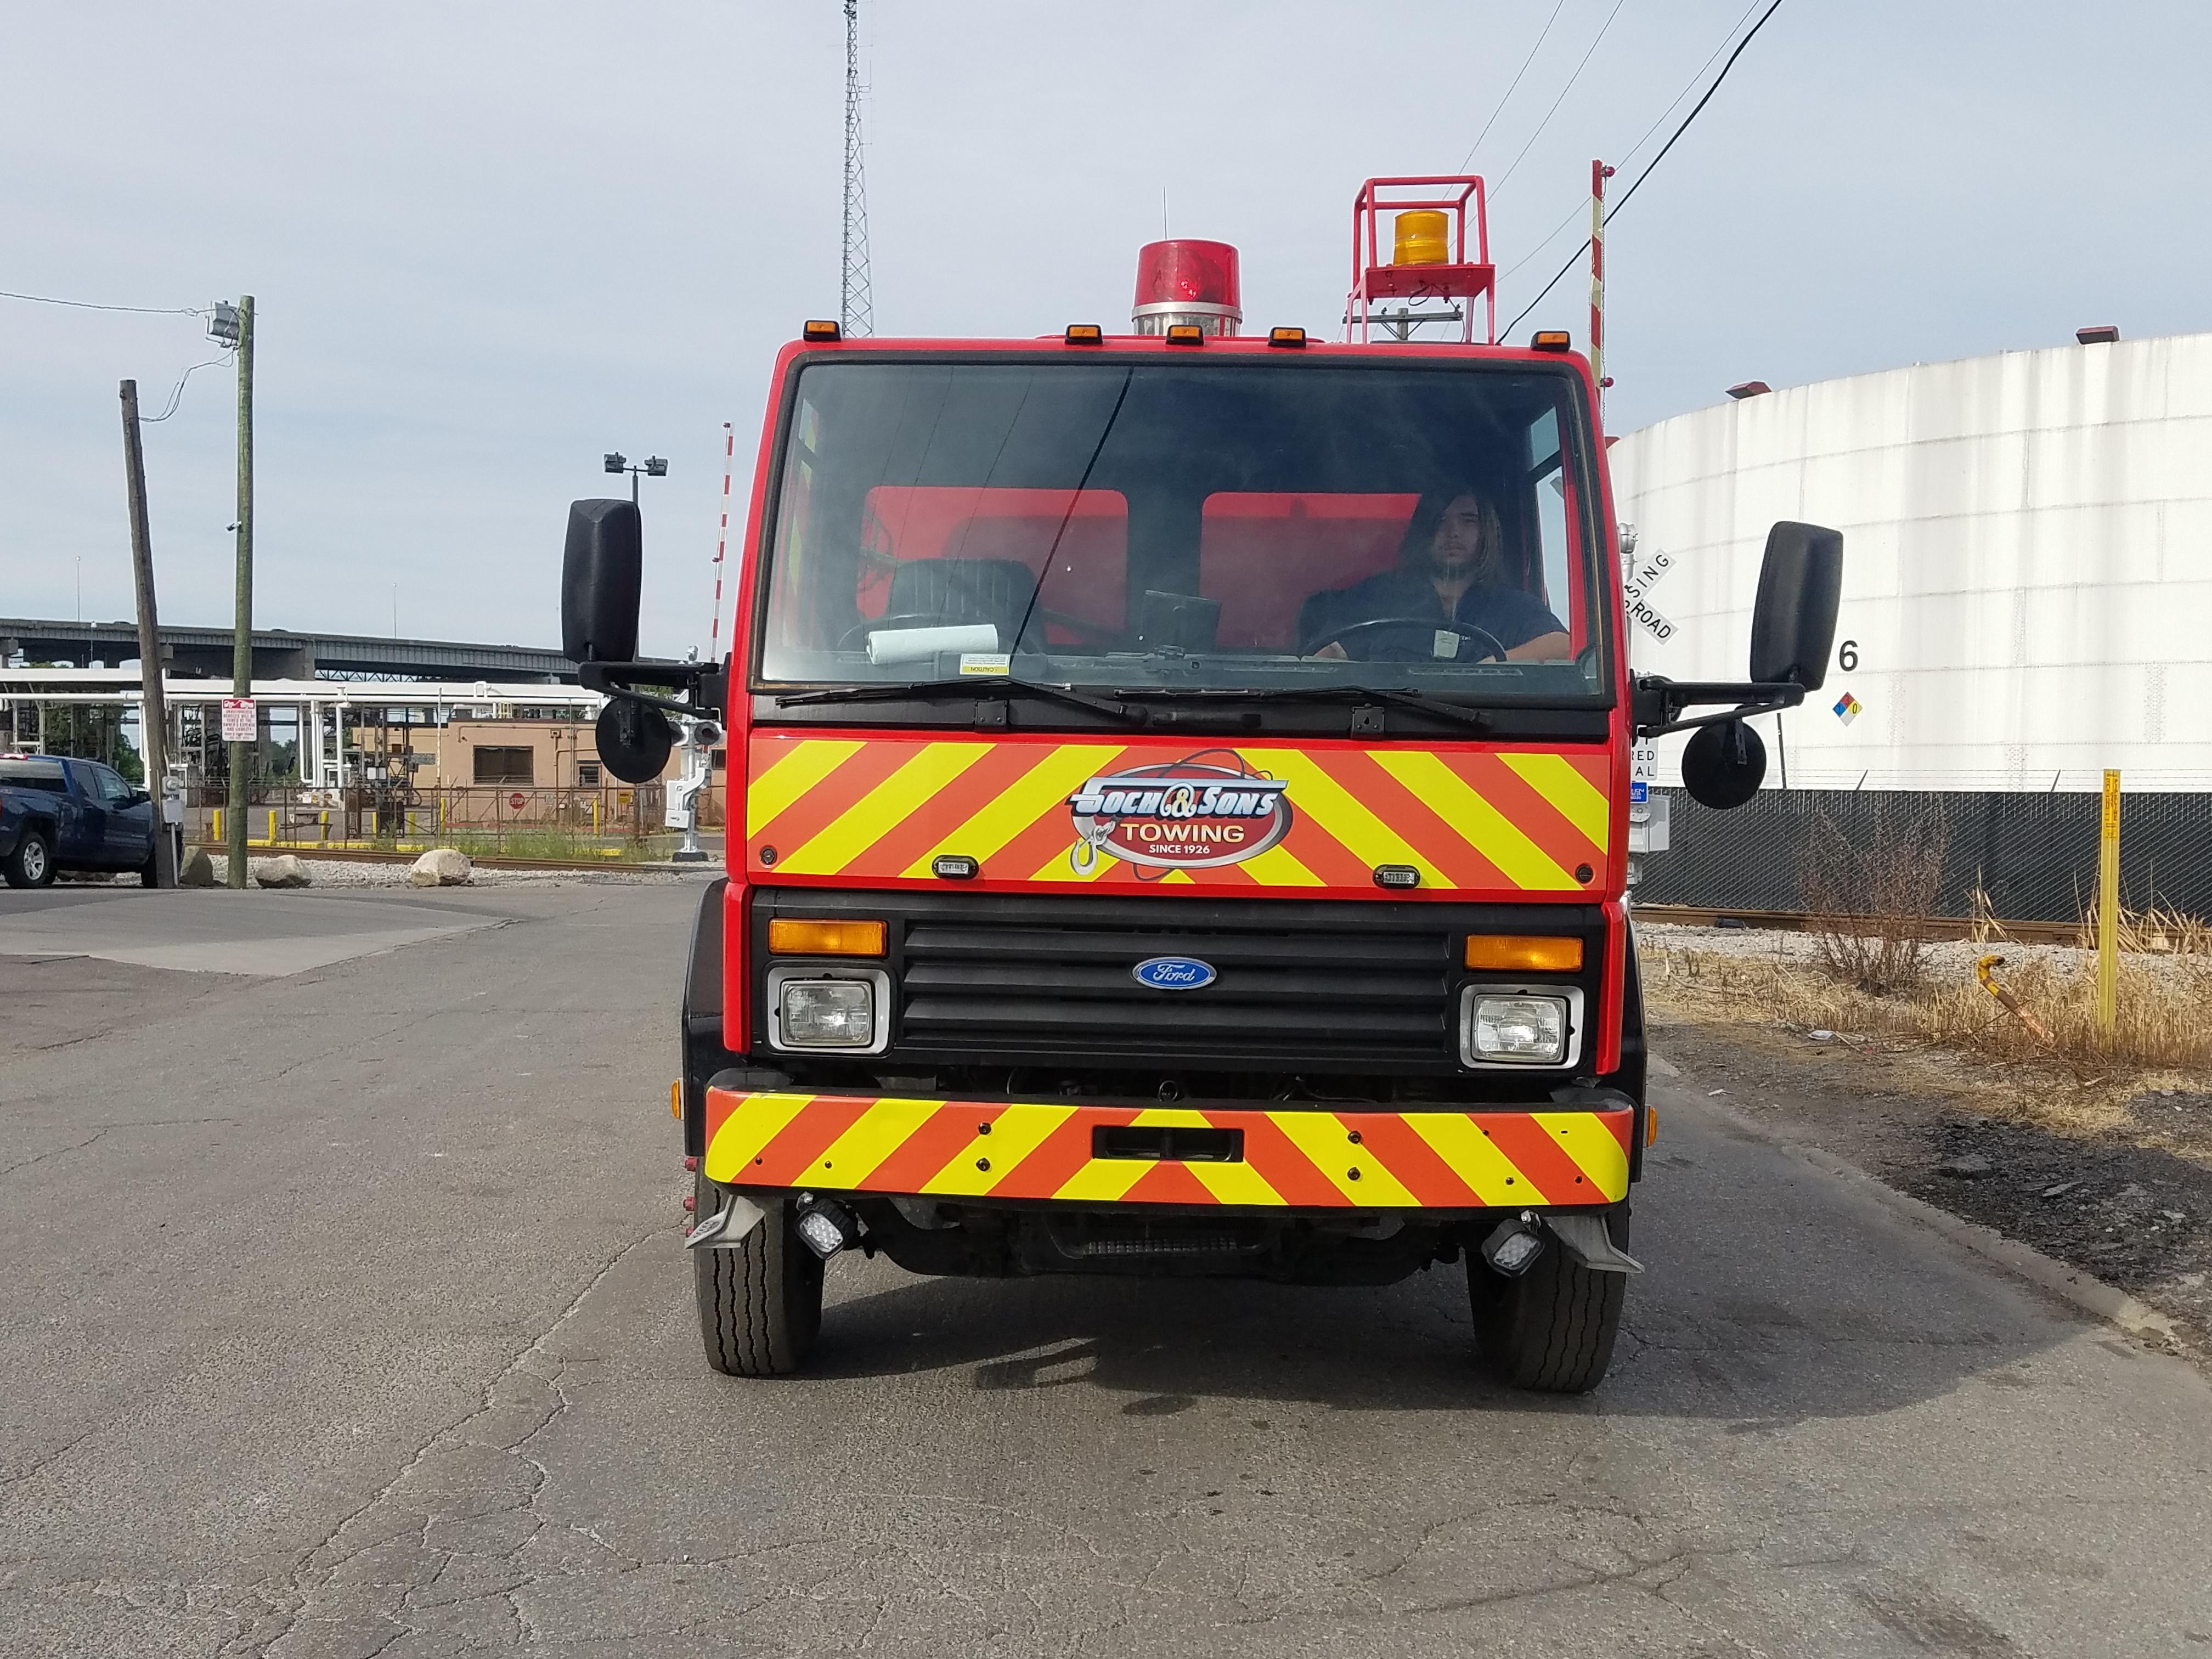 spill response truck